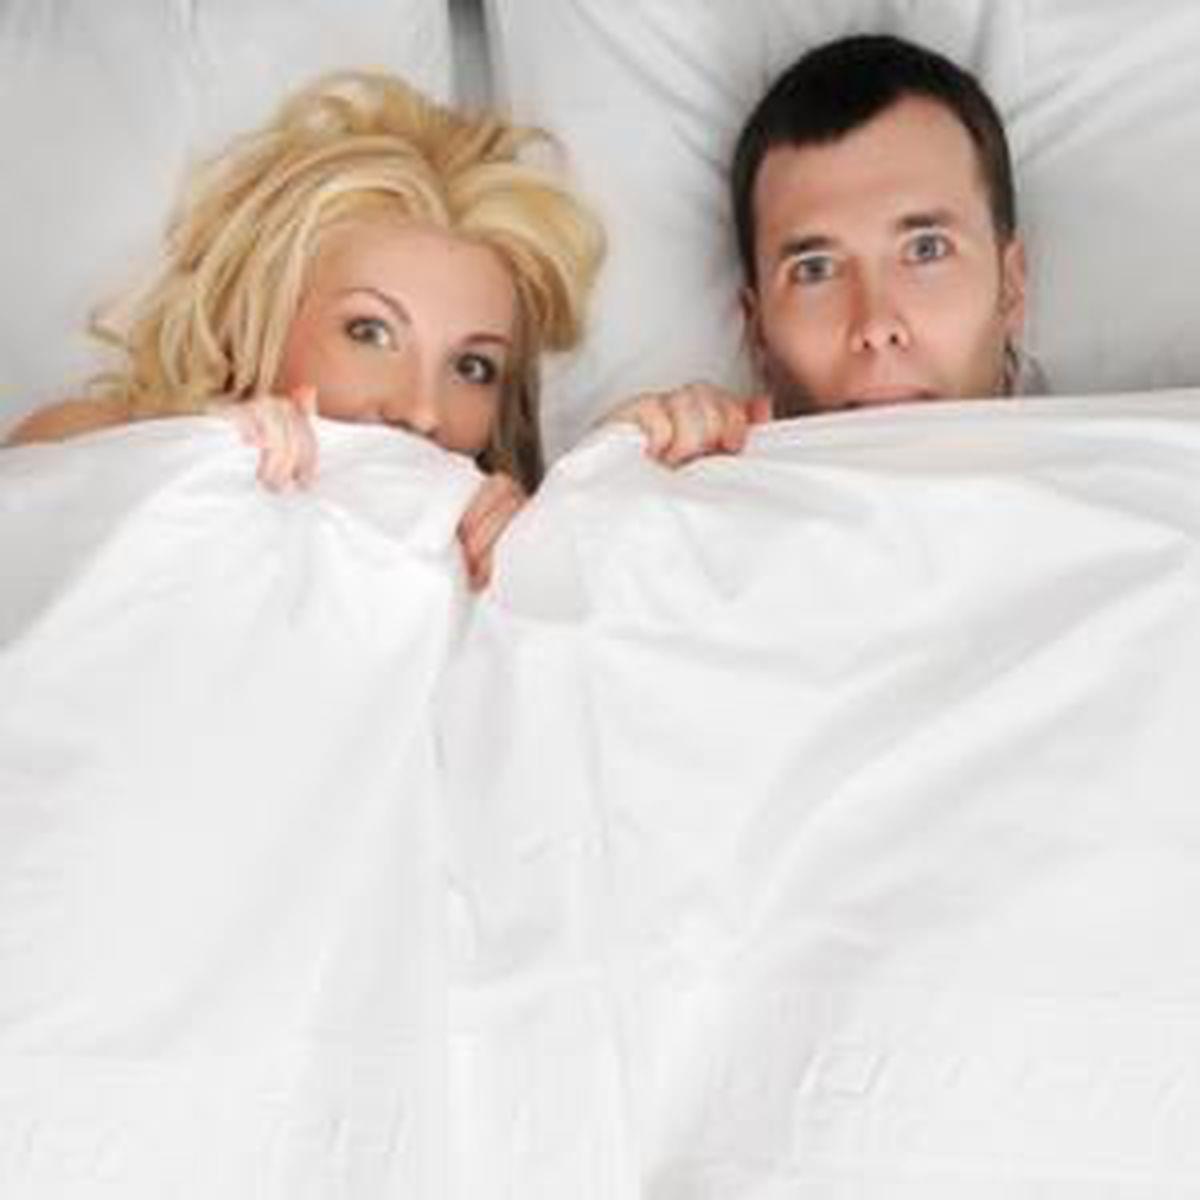 motivul pentru care nu există erecție matinală durata erecției normale la bărbați